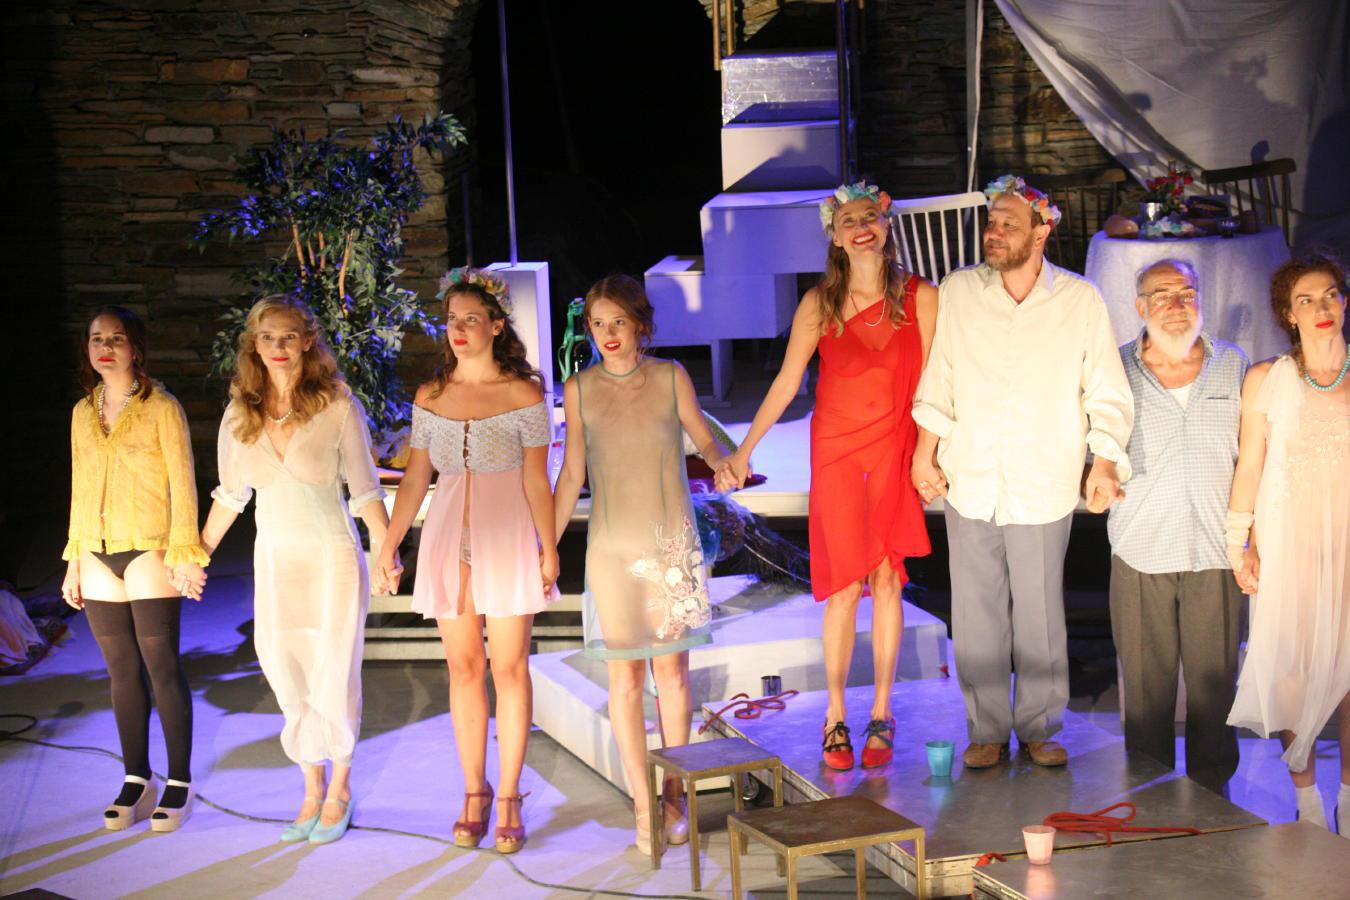 λυσιστρατη Μαρμαρινού 2ο φεστιβάλ Άνδρου 12 αυγ 2016 vanglouk androsfilm (6)